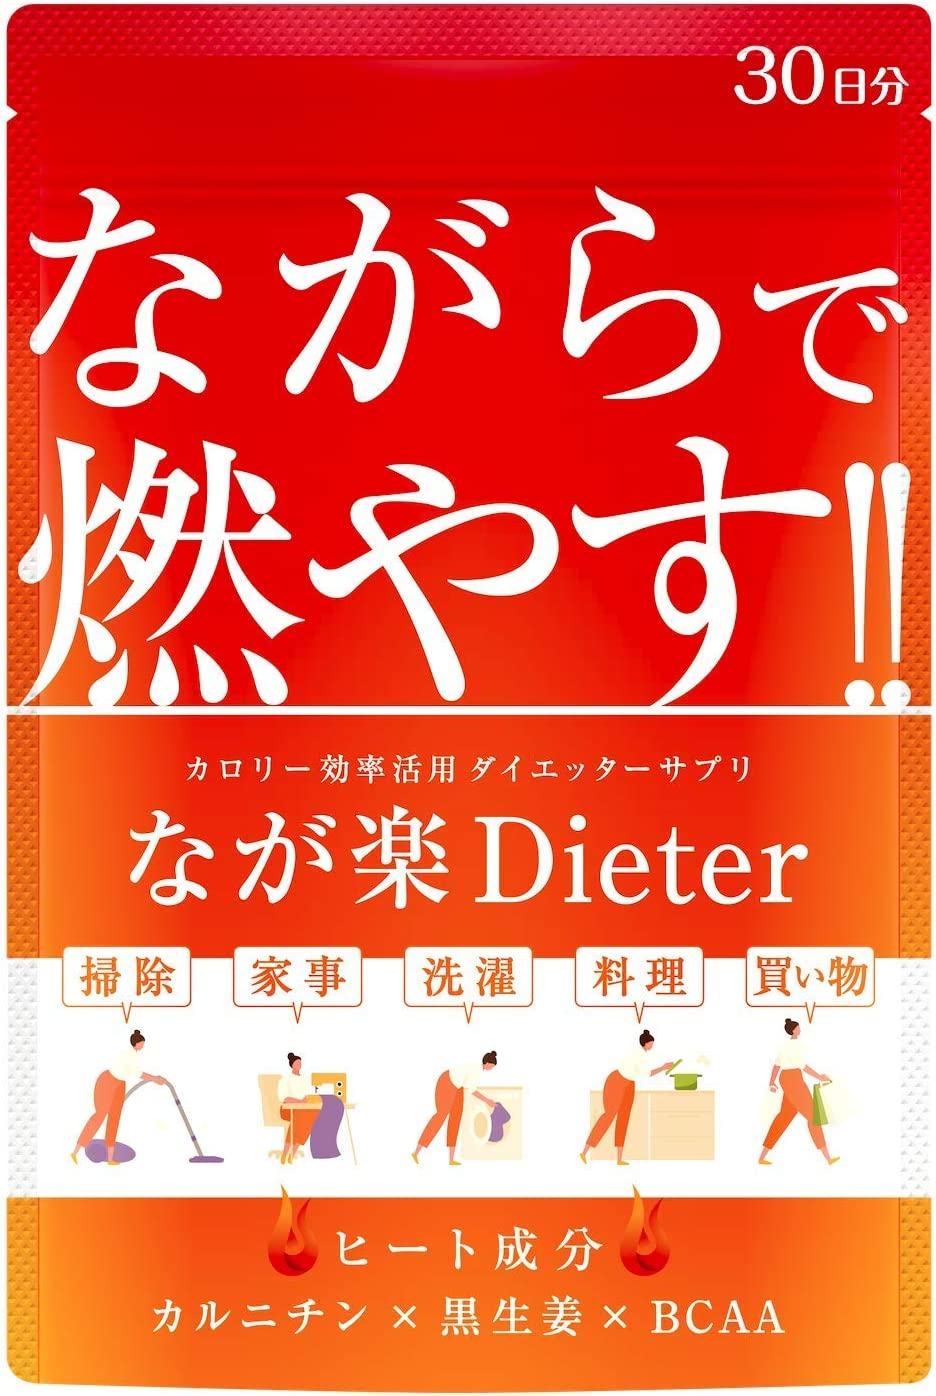 おすすめ5位:なが楽Dieter ダイエットサプリ L-カルニチン BCAA サプリメント ながらダイエット